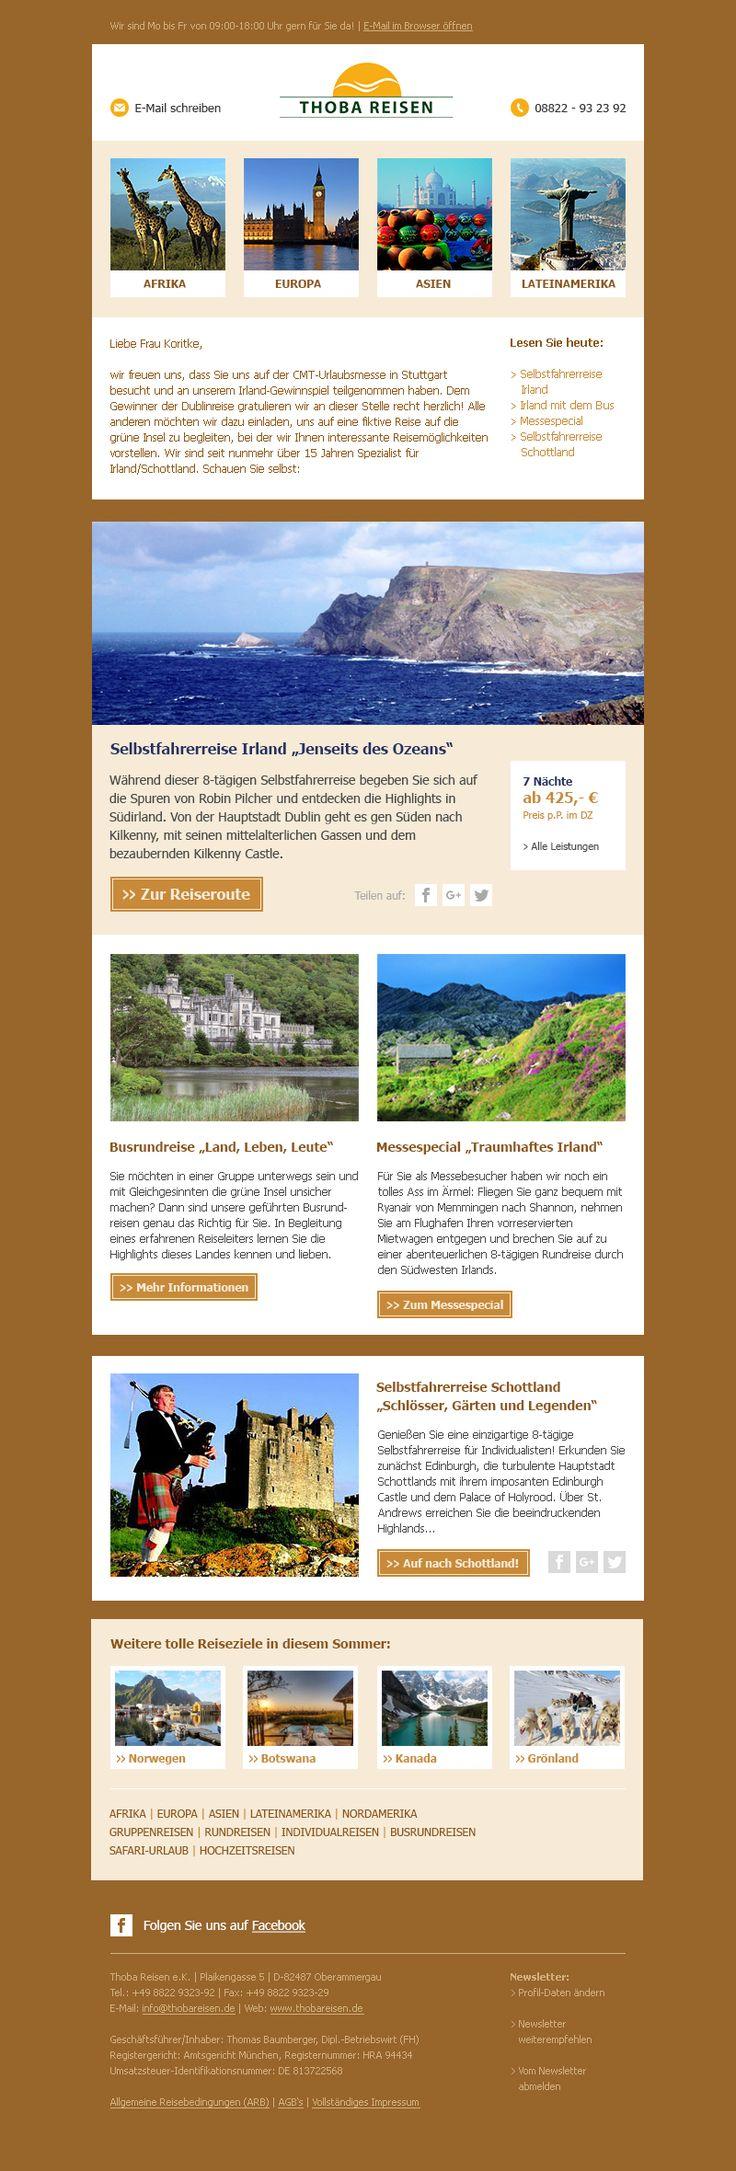 Mit Thoba Reisen gehts' um die Welt. Unser #Newsletterdesign bringt die Ziele zu Ihnen nach Hause. #E-Mail-Marketing #Newsletter #EMM